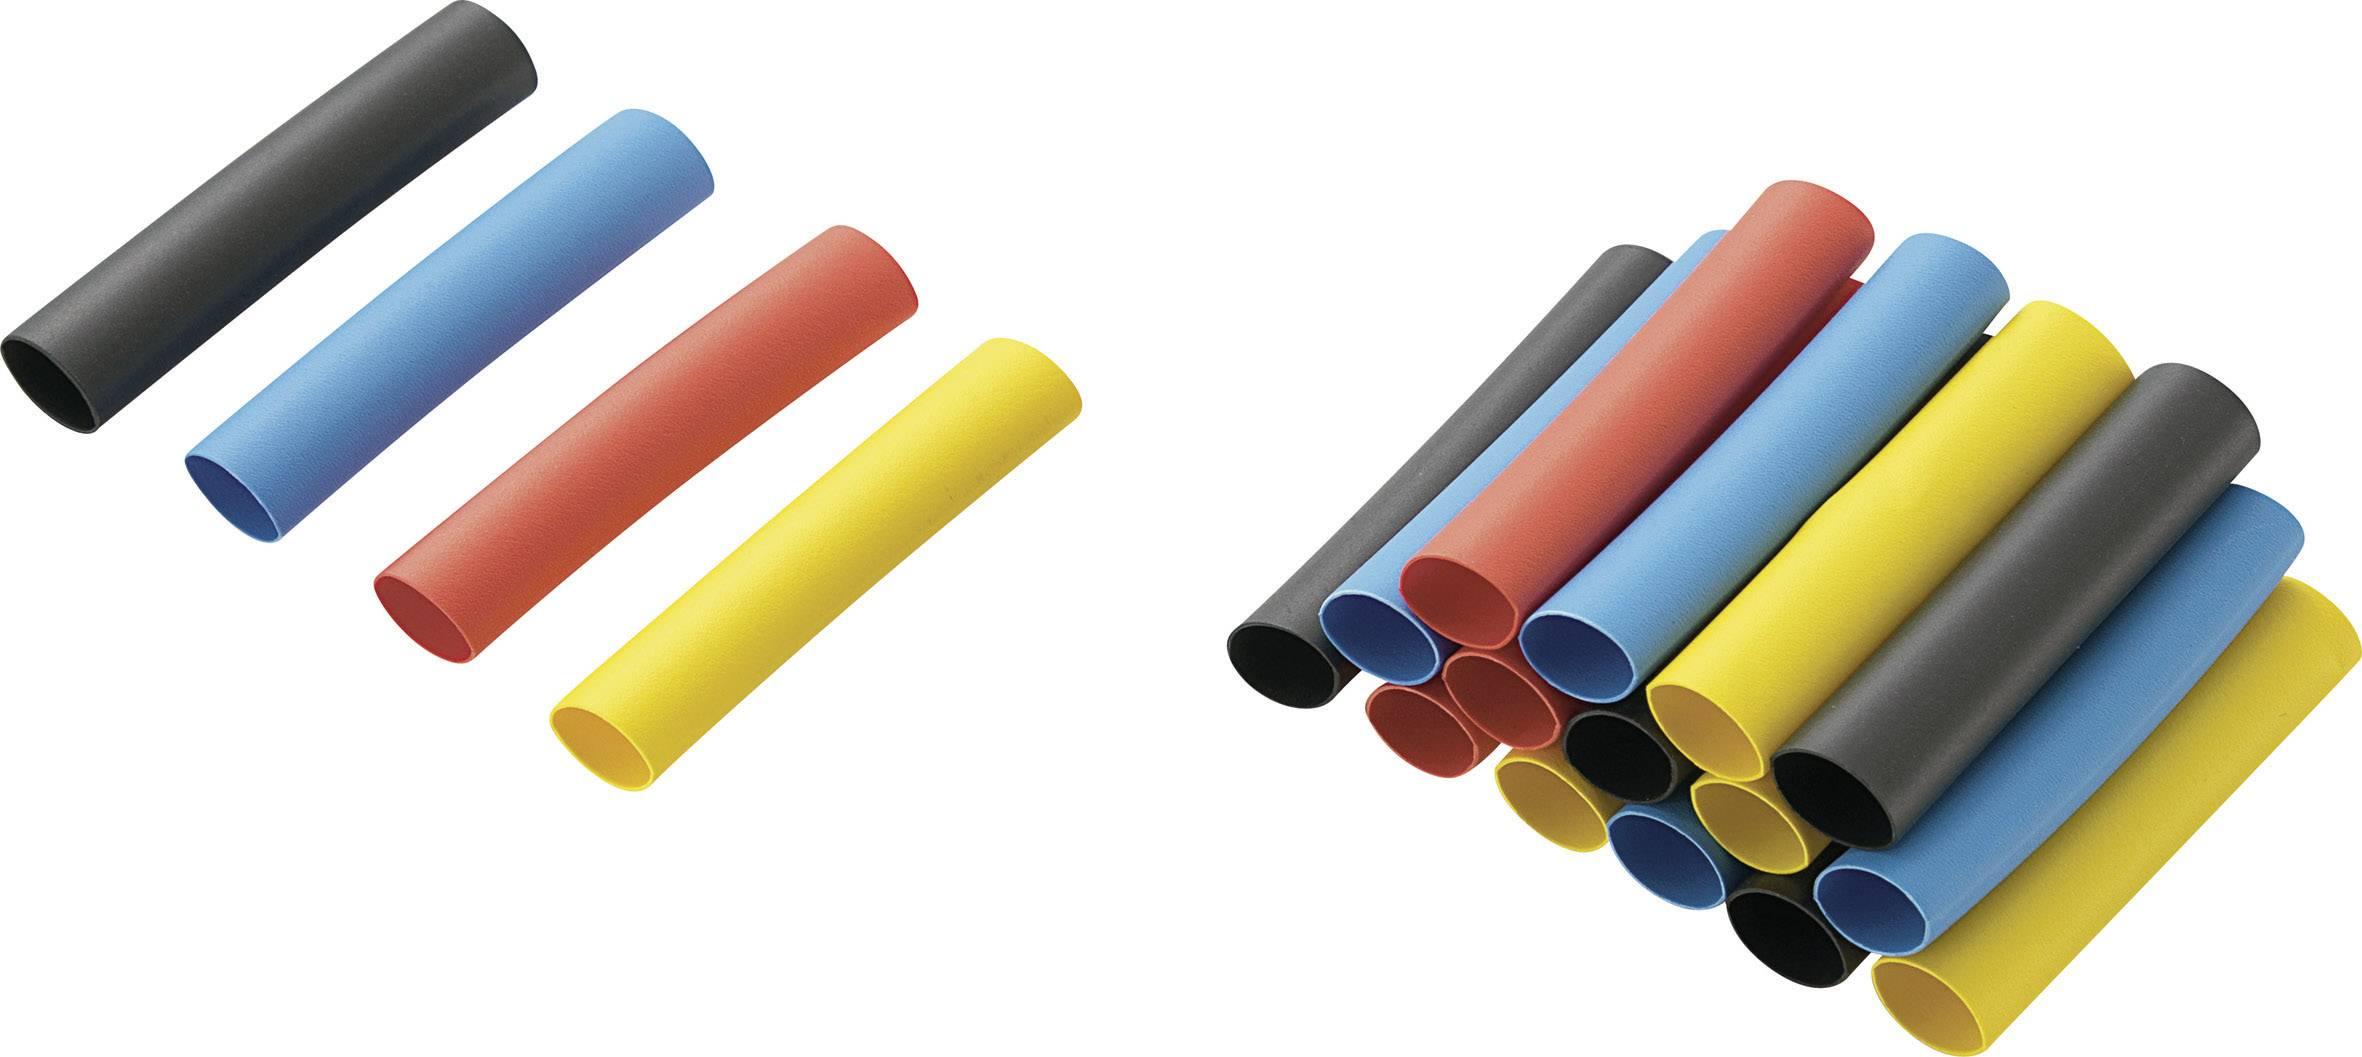 Sada smršťovacích bužírek TRU COMPONENTS RPS6 1571321, 6.40 mm, barevná, 20 ks